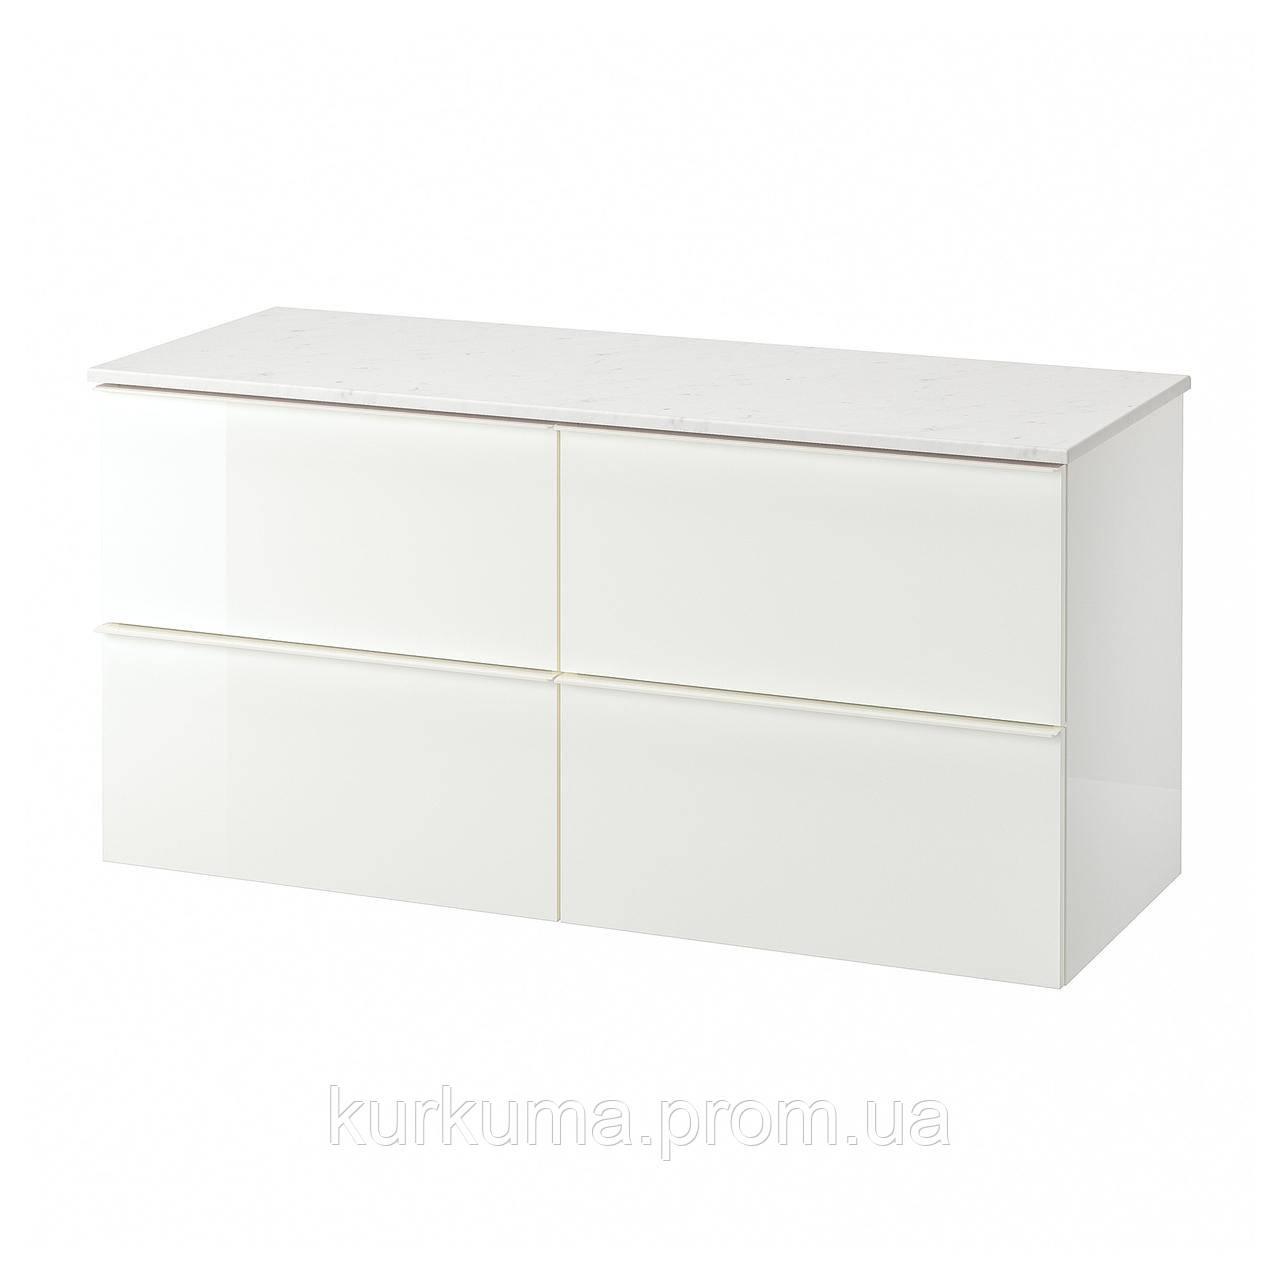 IKEA GODMORGON/TOLKEN Шафа під умивальник зі стільницею з 4 ящиками, глянцевий білий, імітація мармуру